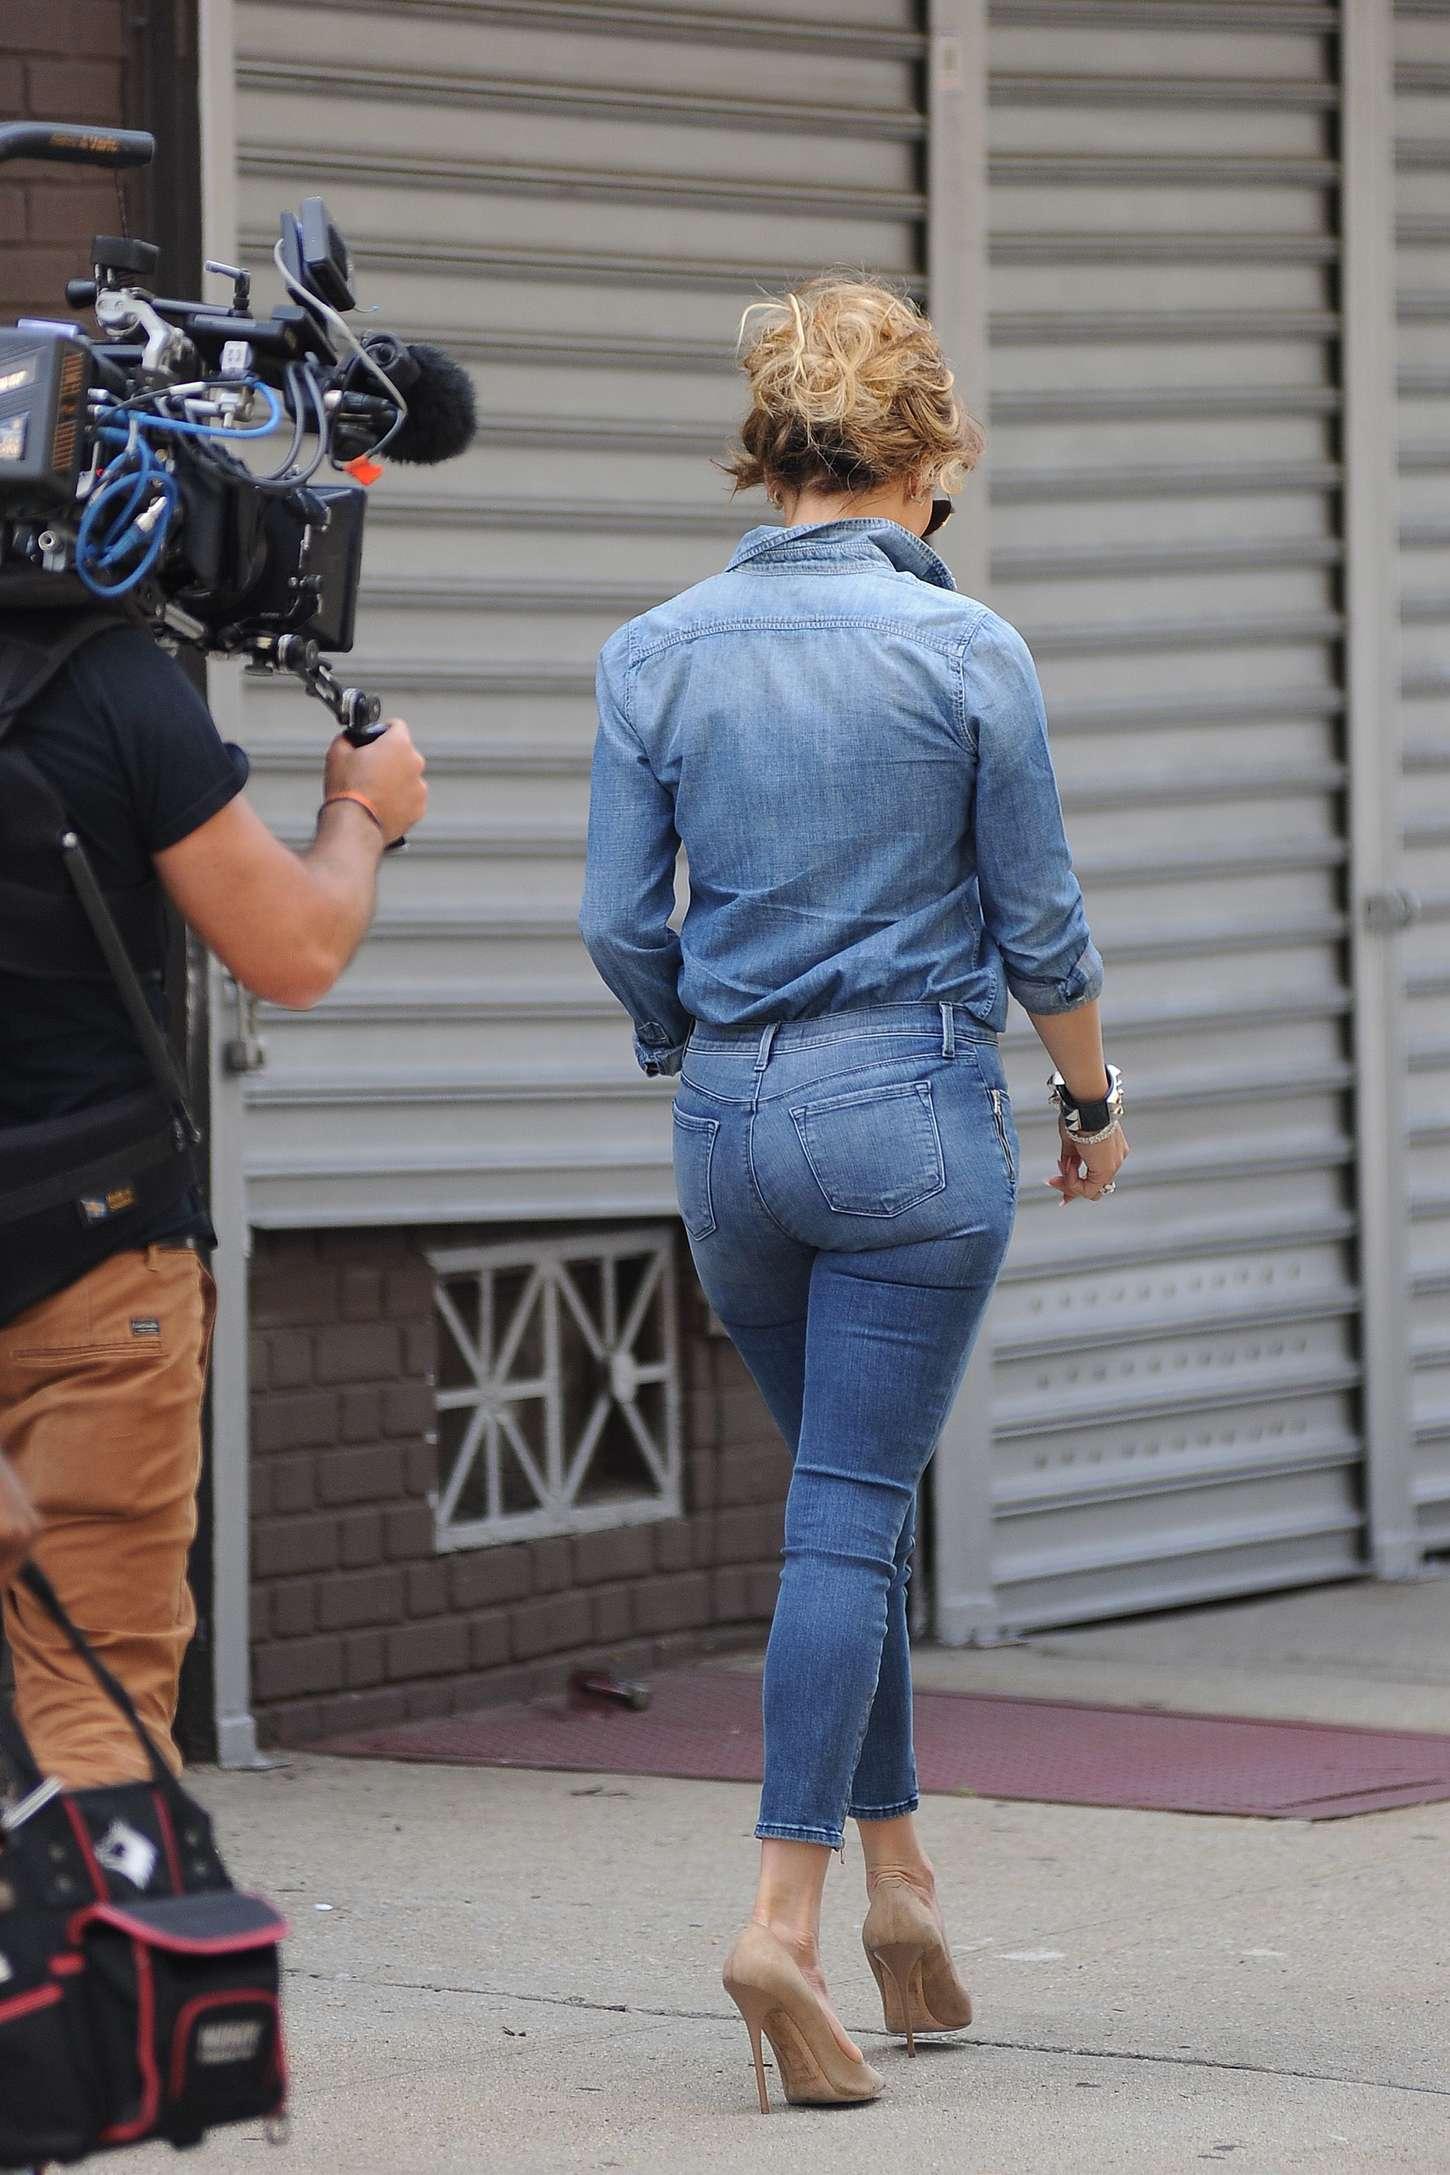 Culo de teen jeans blancos - 2 7